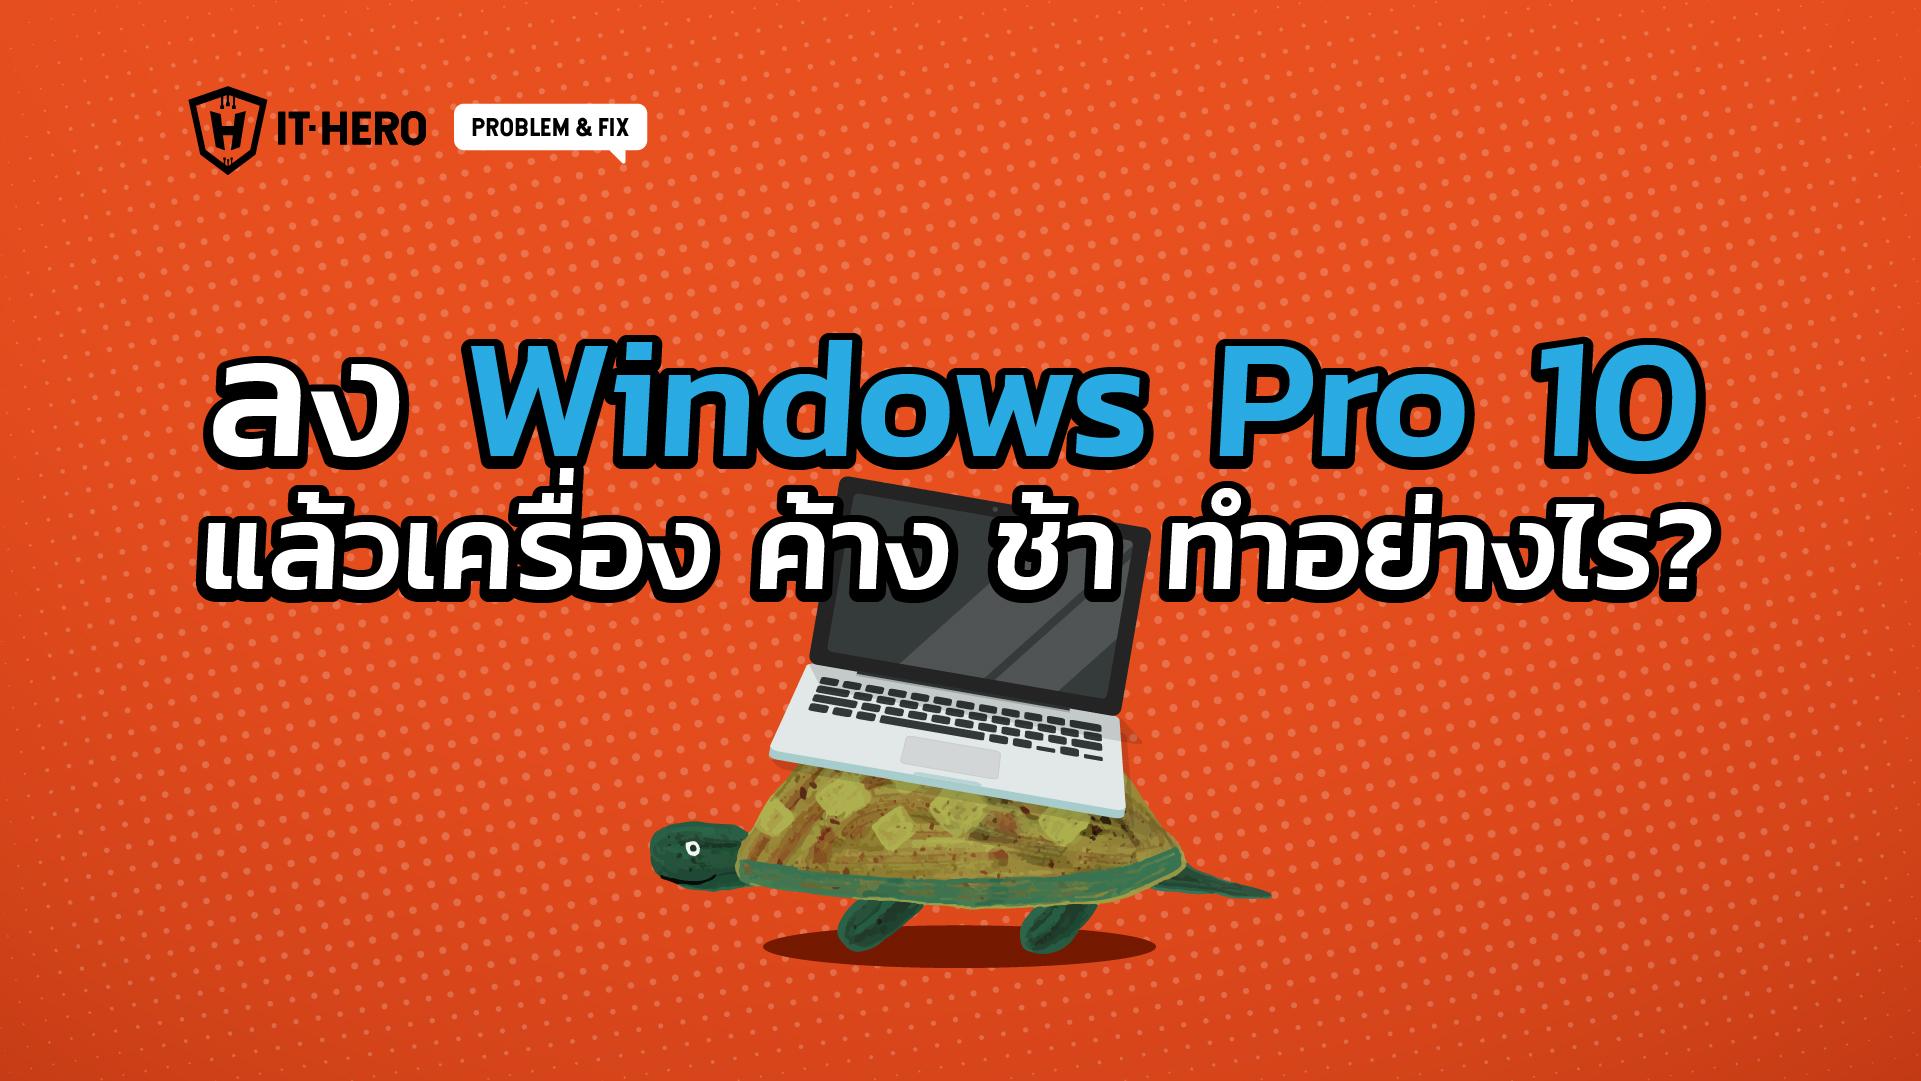 เครื่อง Notebook ลง Windows Pro 10 แล้วเครื่องค้างและช้า มีวิธีแก้ไขอย่างไรบ้าง